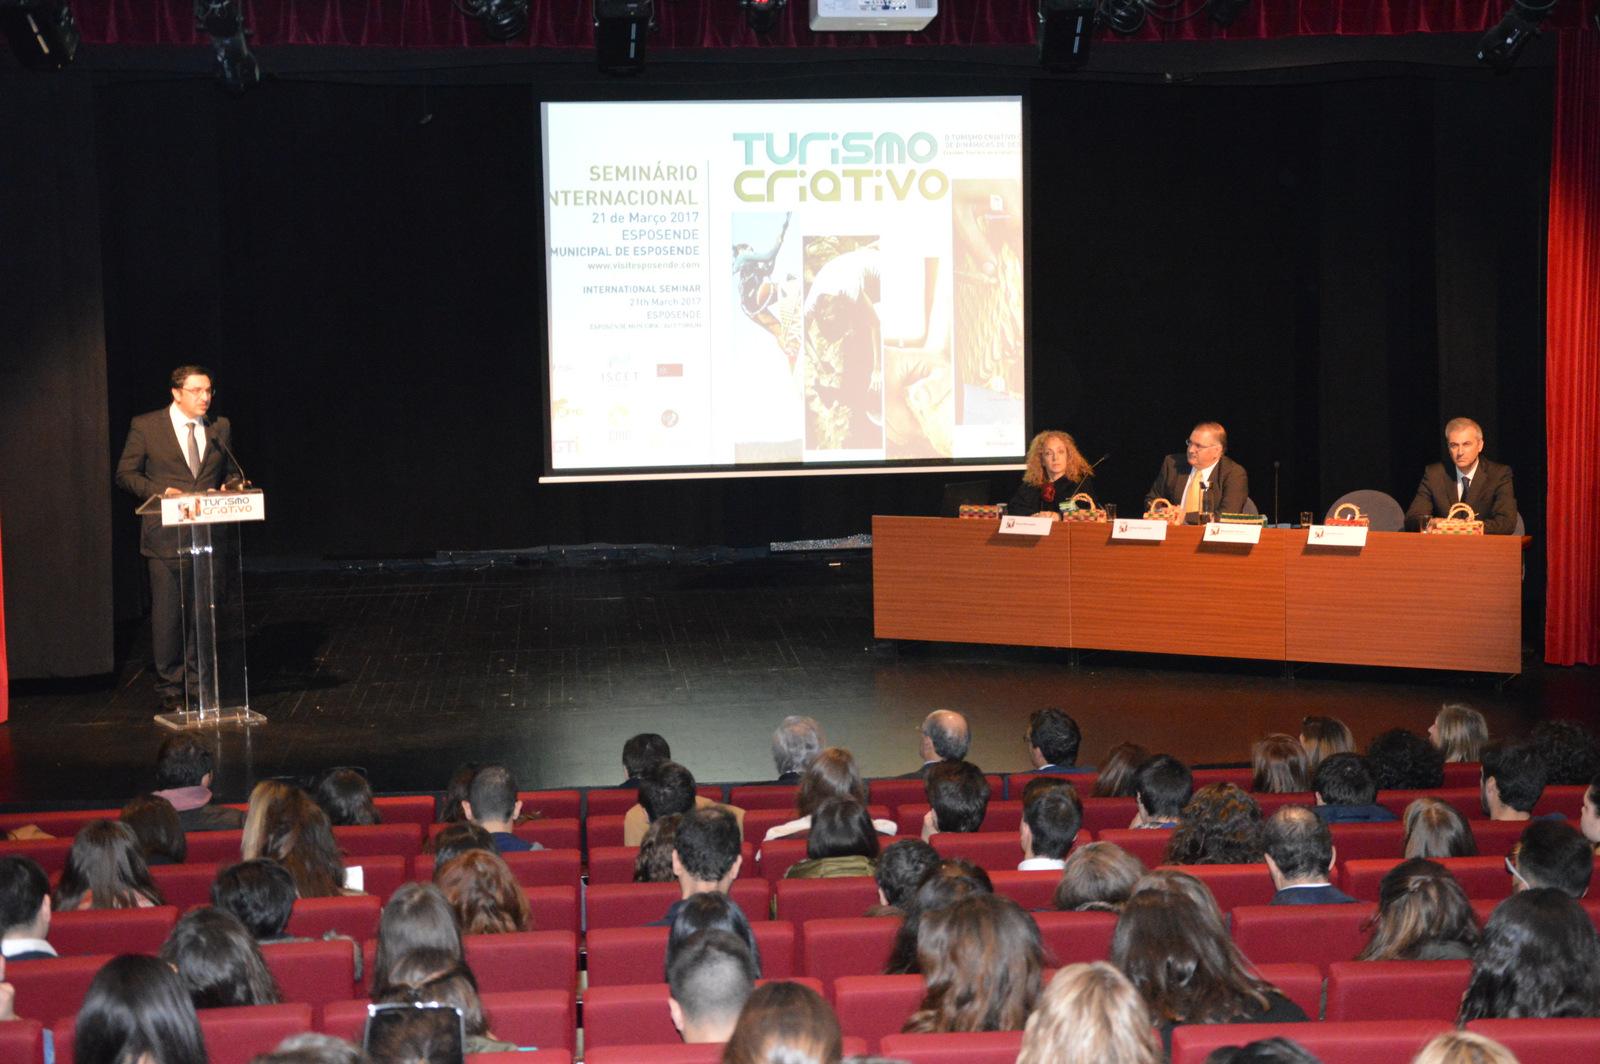 Seminário Internacional Turismo Criativo